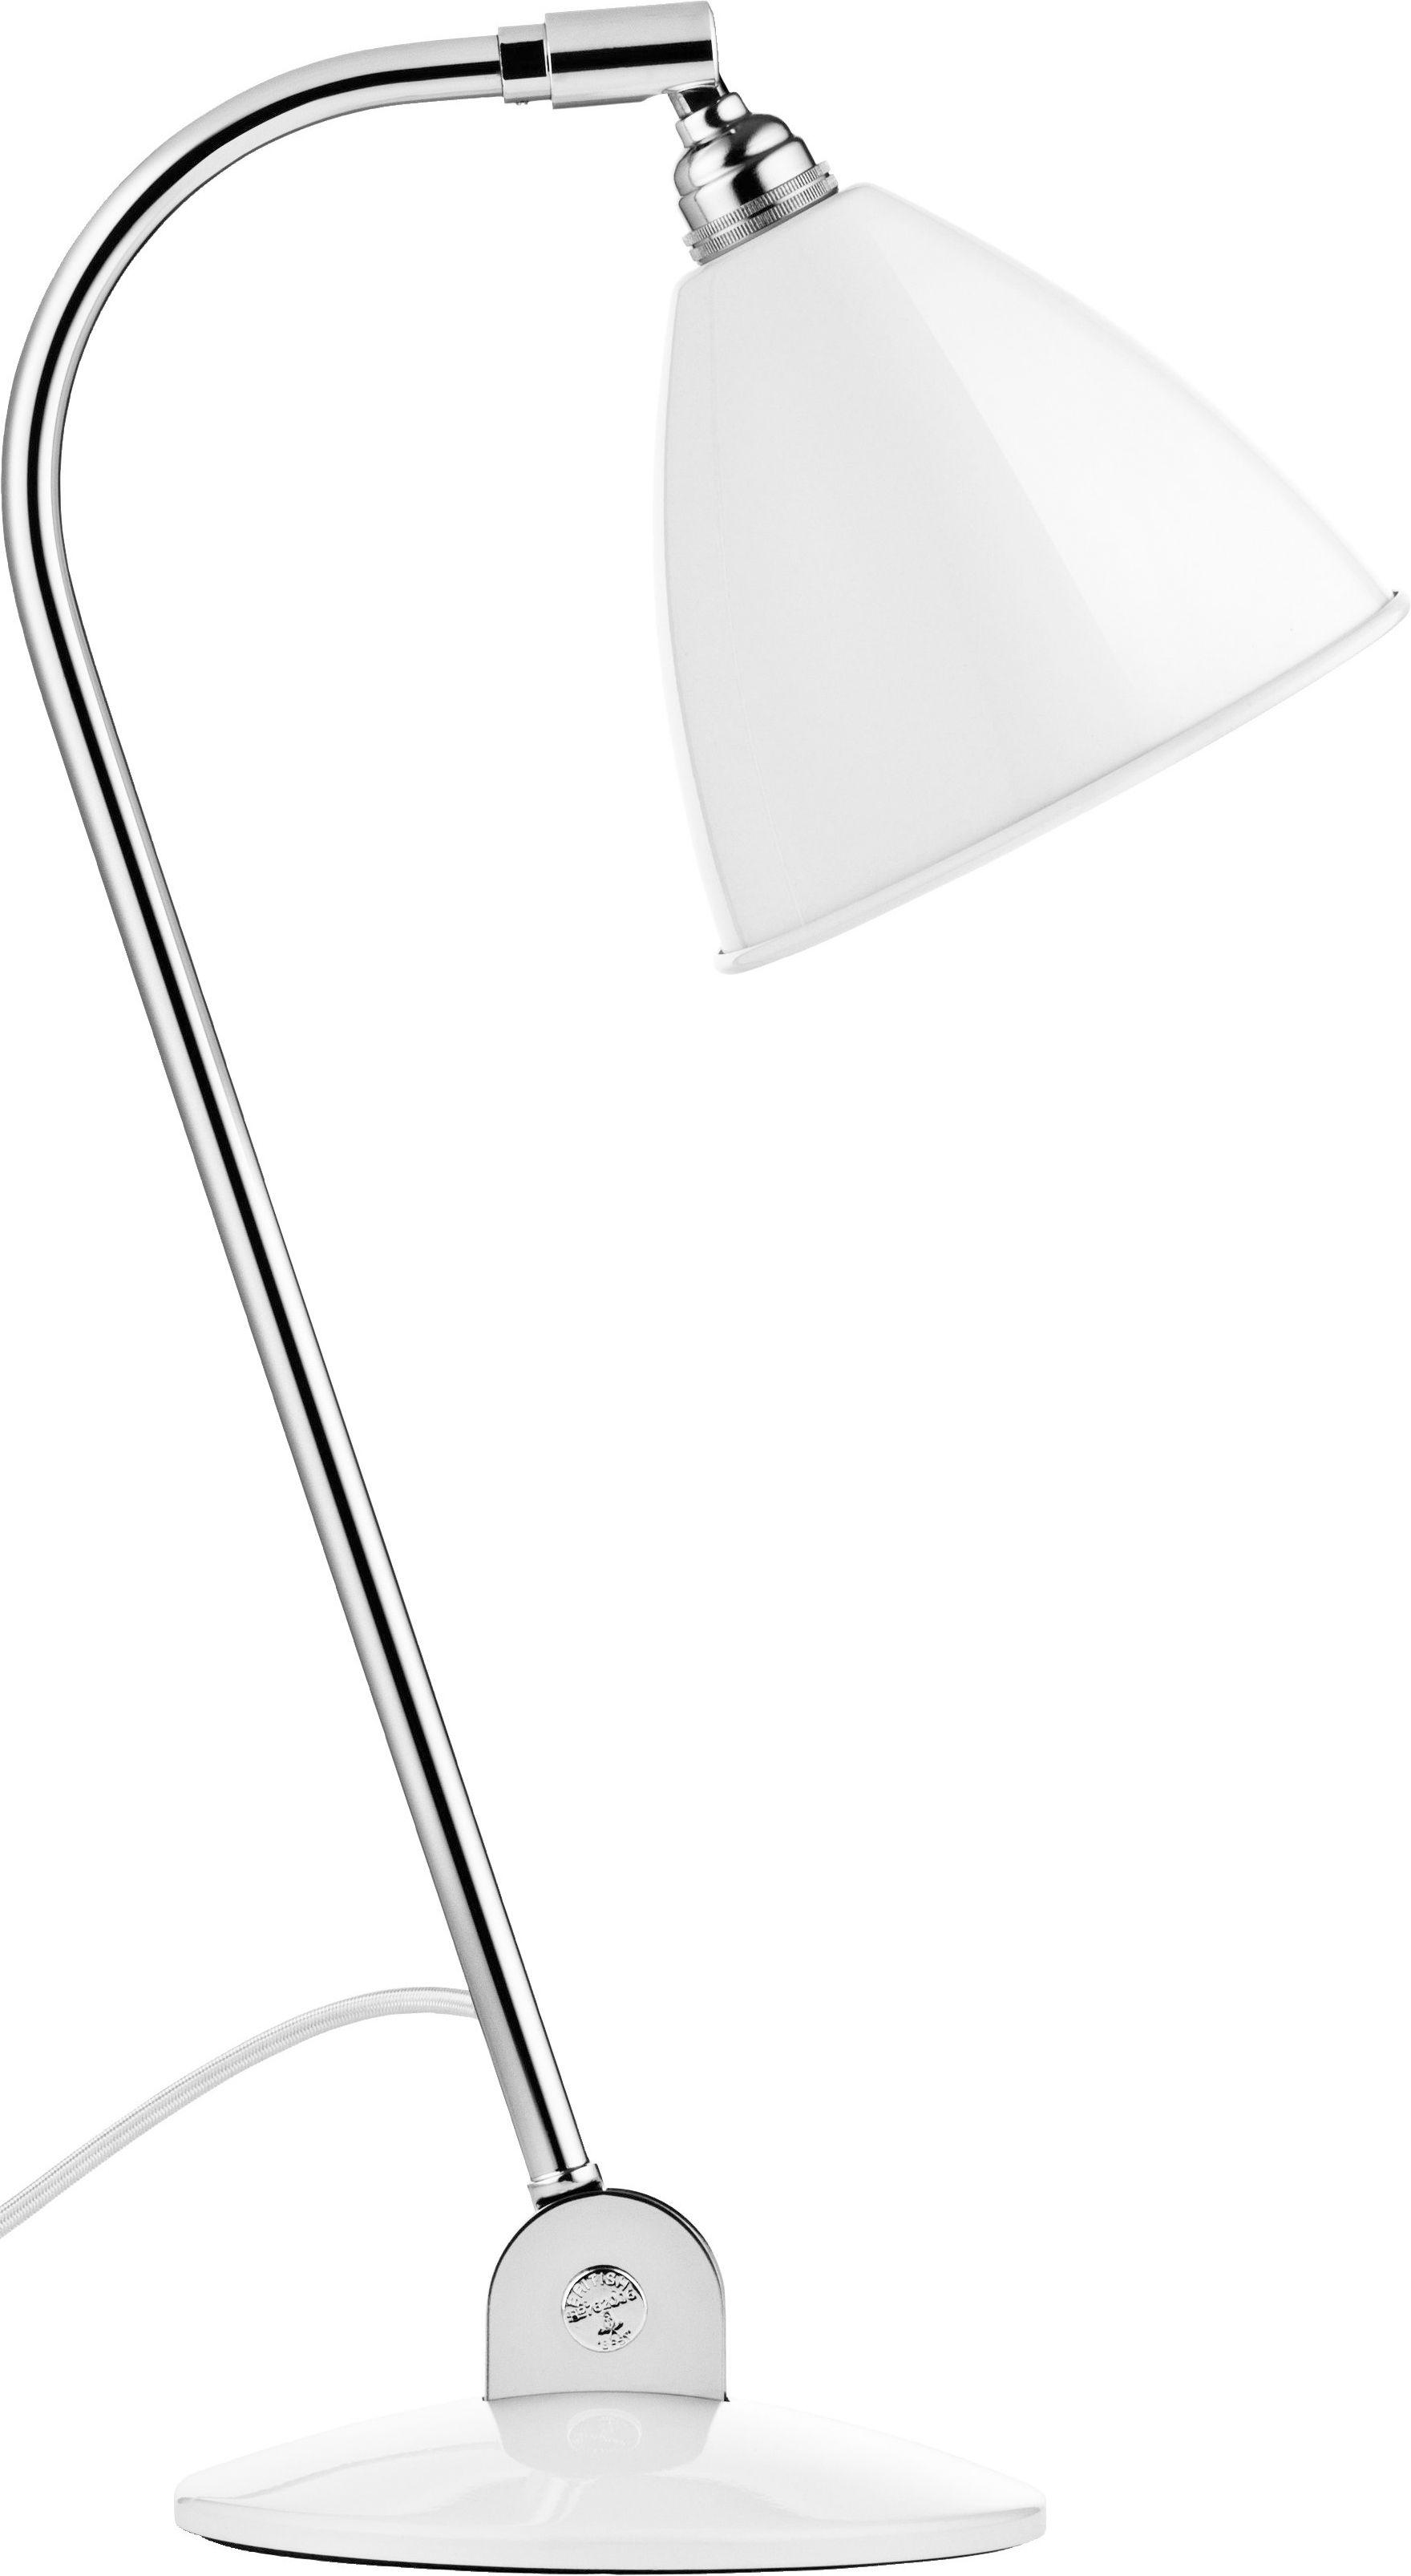 Leuchten - Tischleuchten - Bestlite BL2 Tischleuchte - Neuauflage von 1930 - Gubi - Weiß - Metall